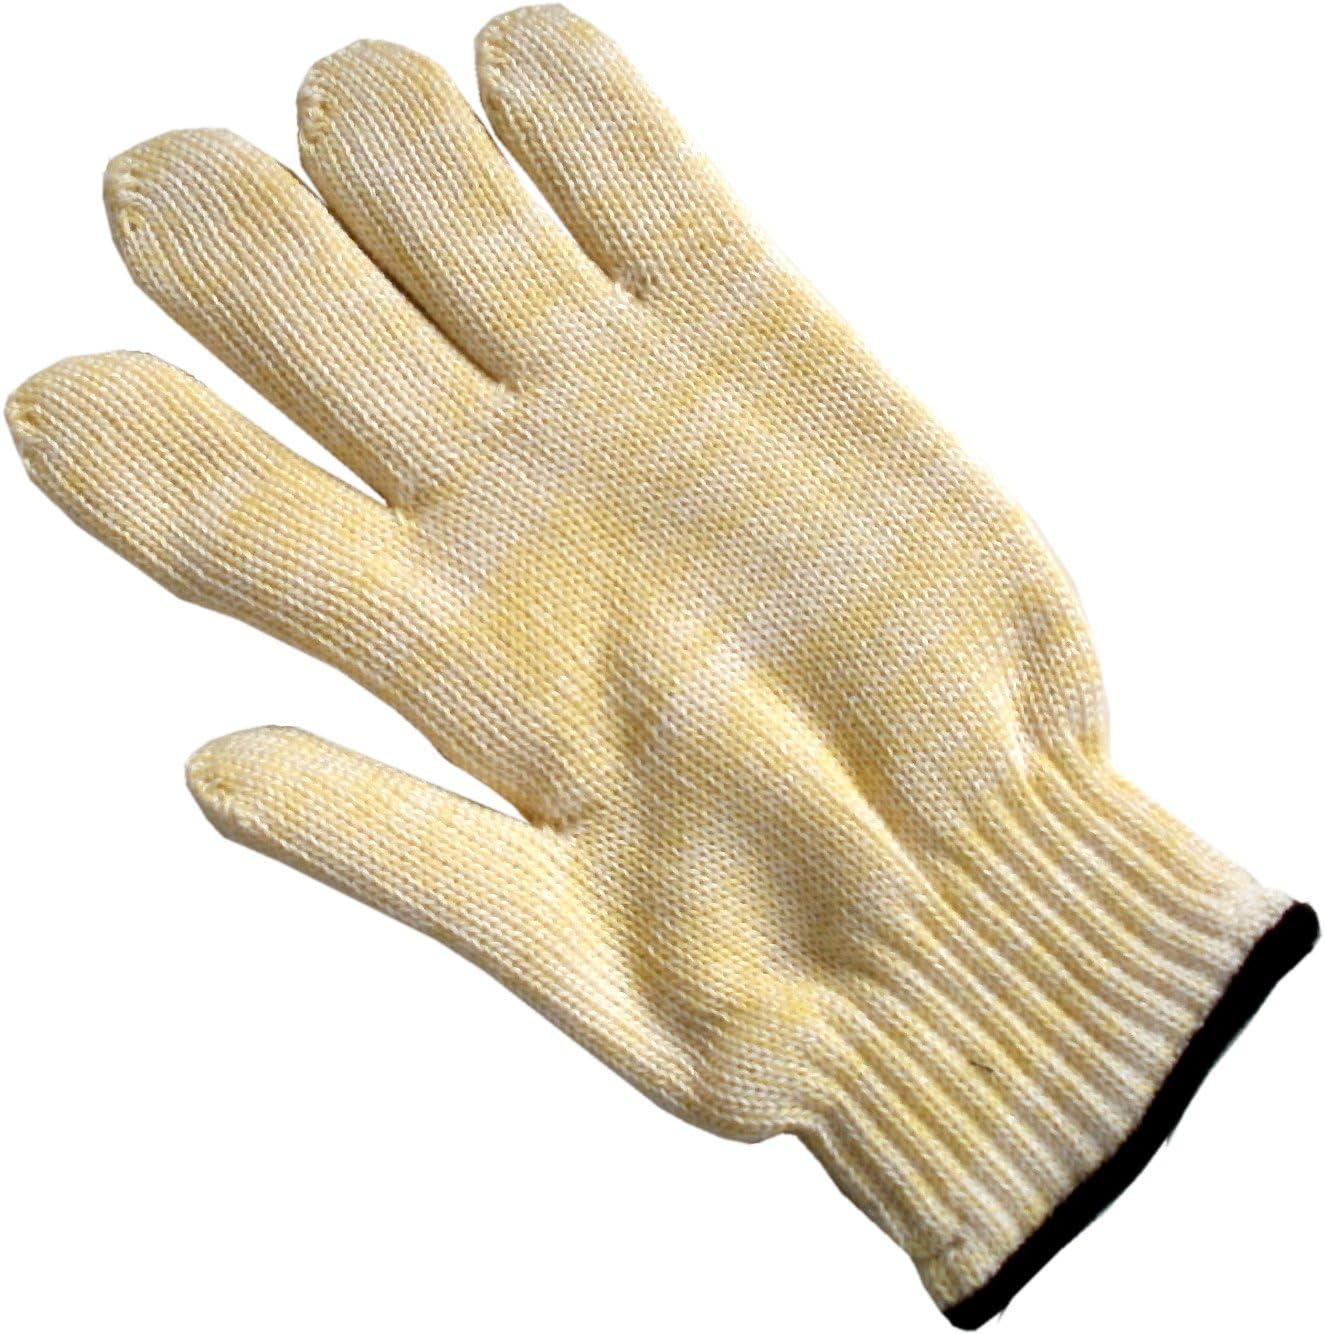 1 Paar Schutzhandschuhe aus Nomex® Größe 10 bis 100 Grad EN 388+407 KEVLAR